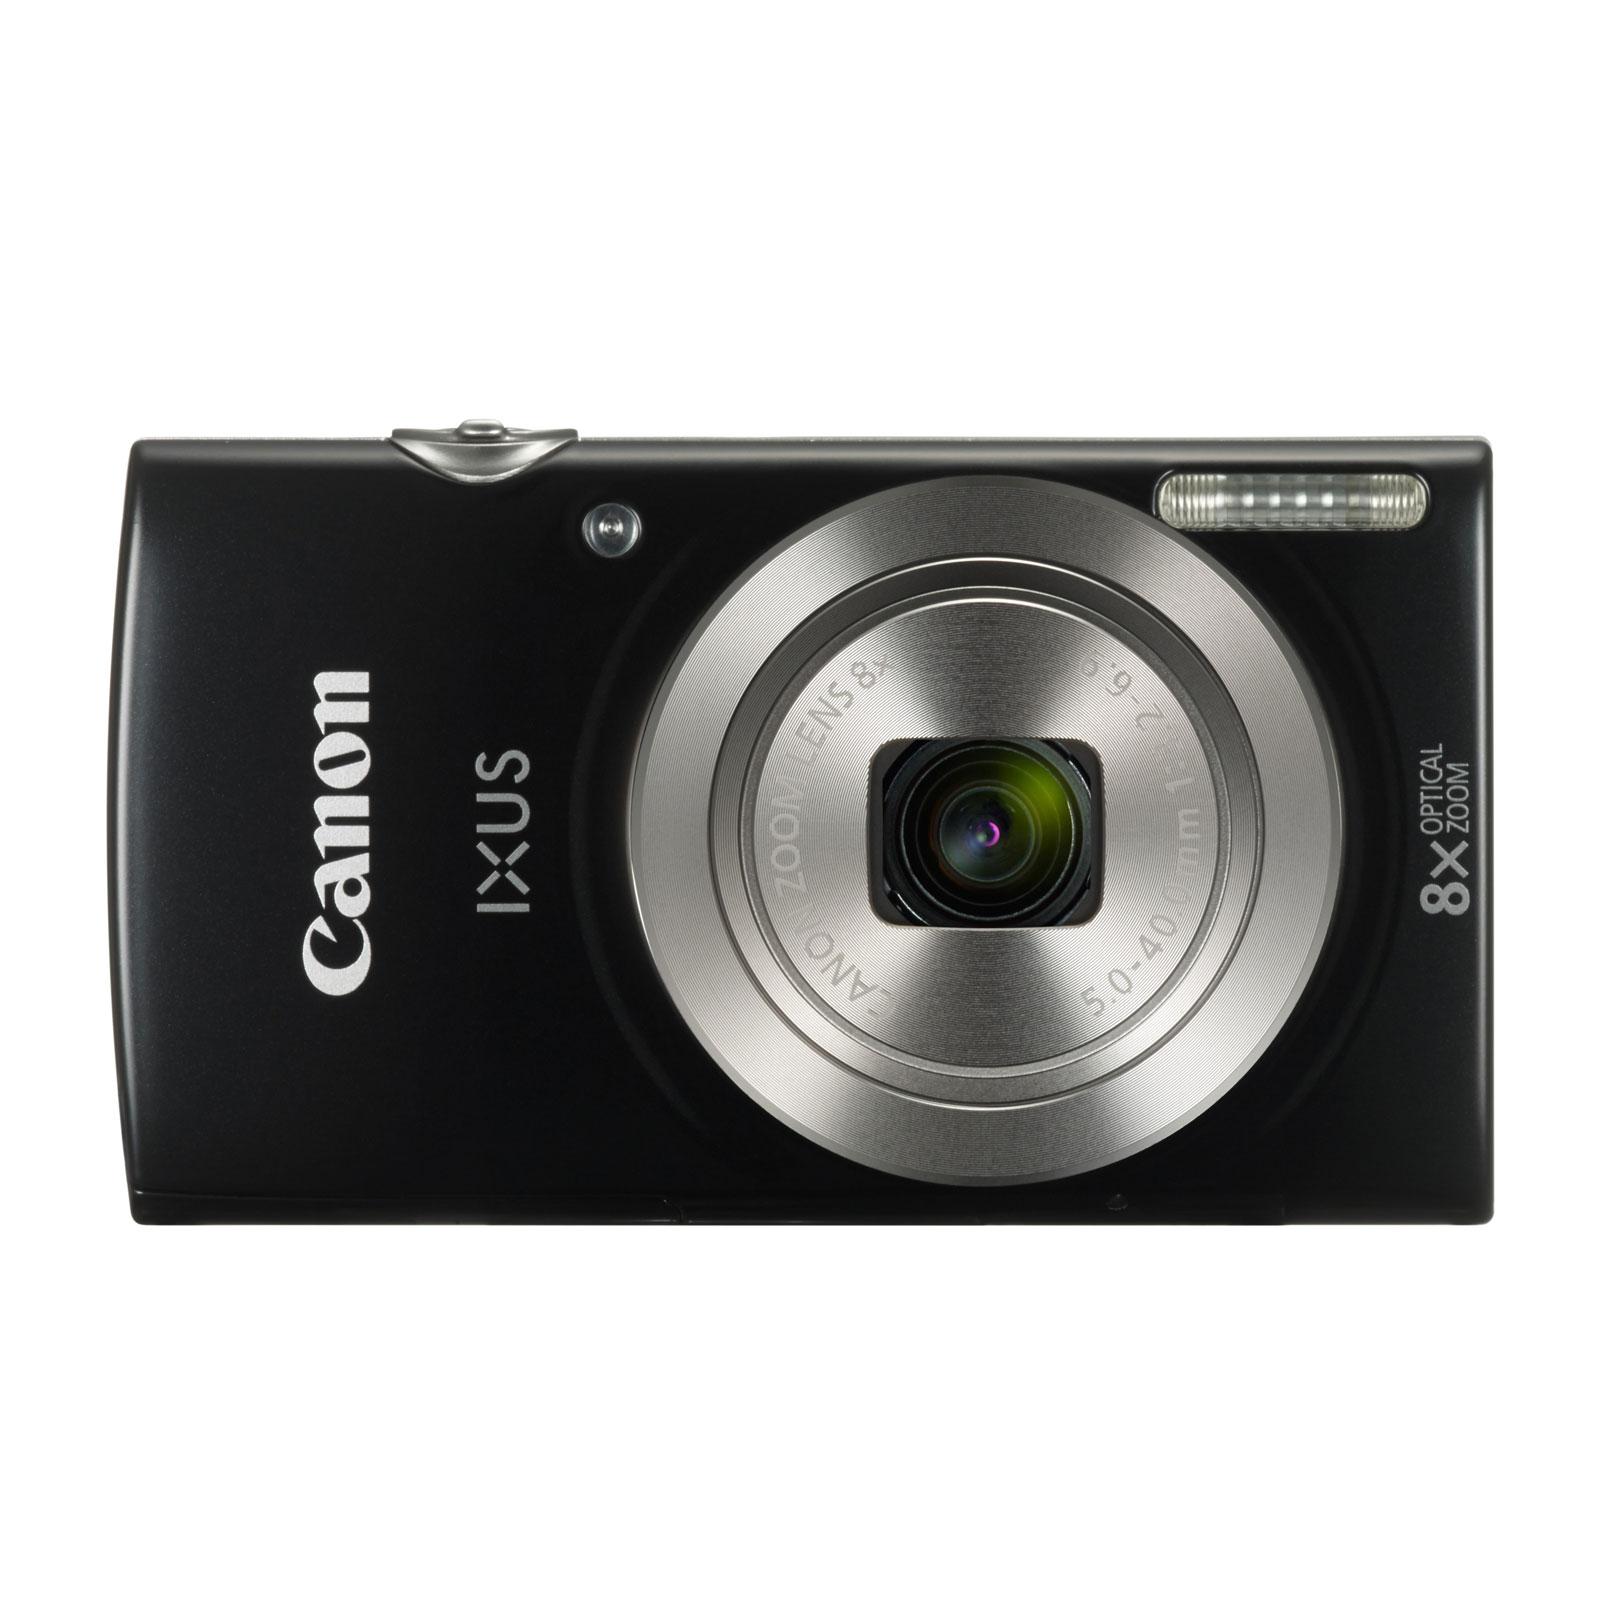 canon ixus 185 noir - appareil photo numérique canon sur ldlc